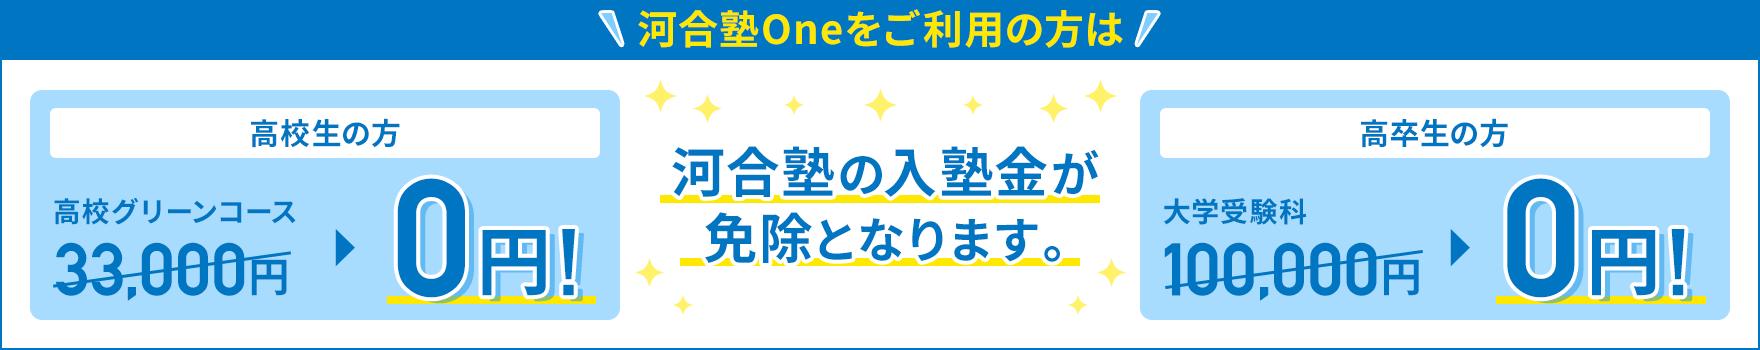 ログイン 河合塾 マイページ 保護者